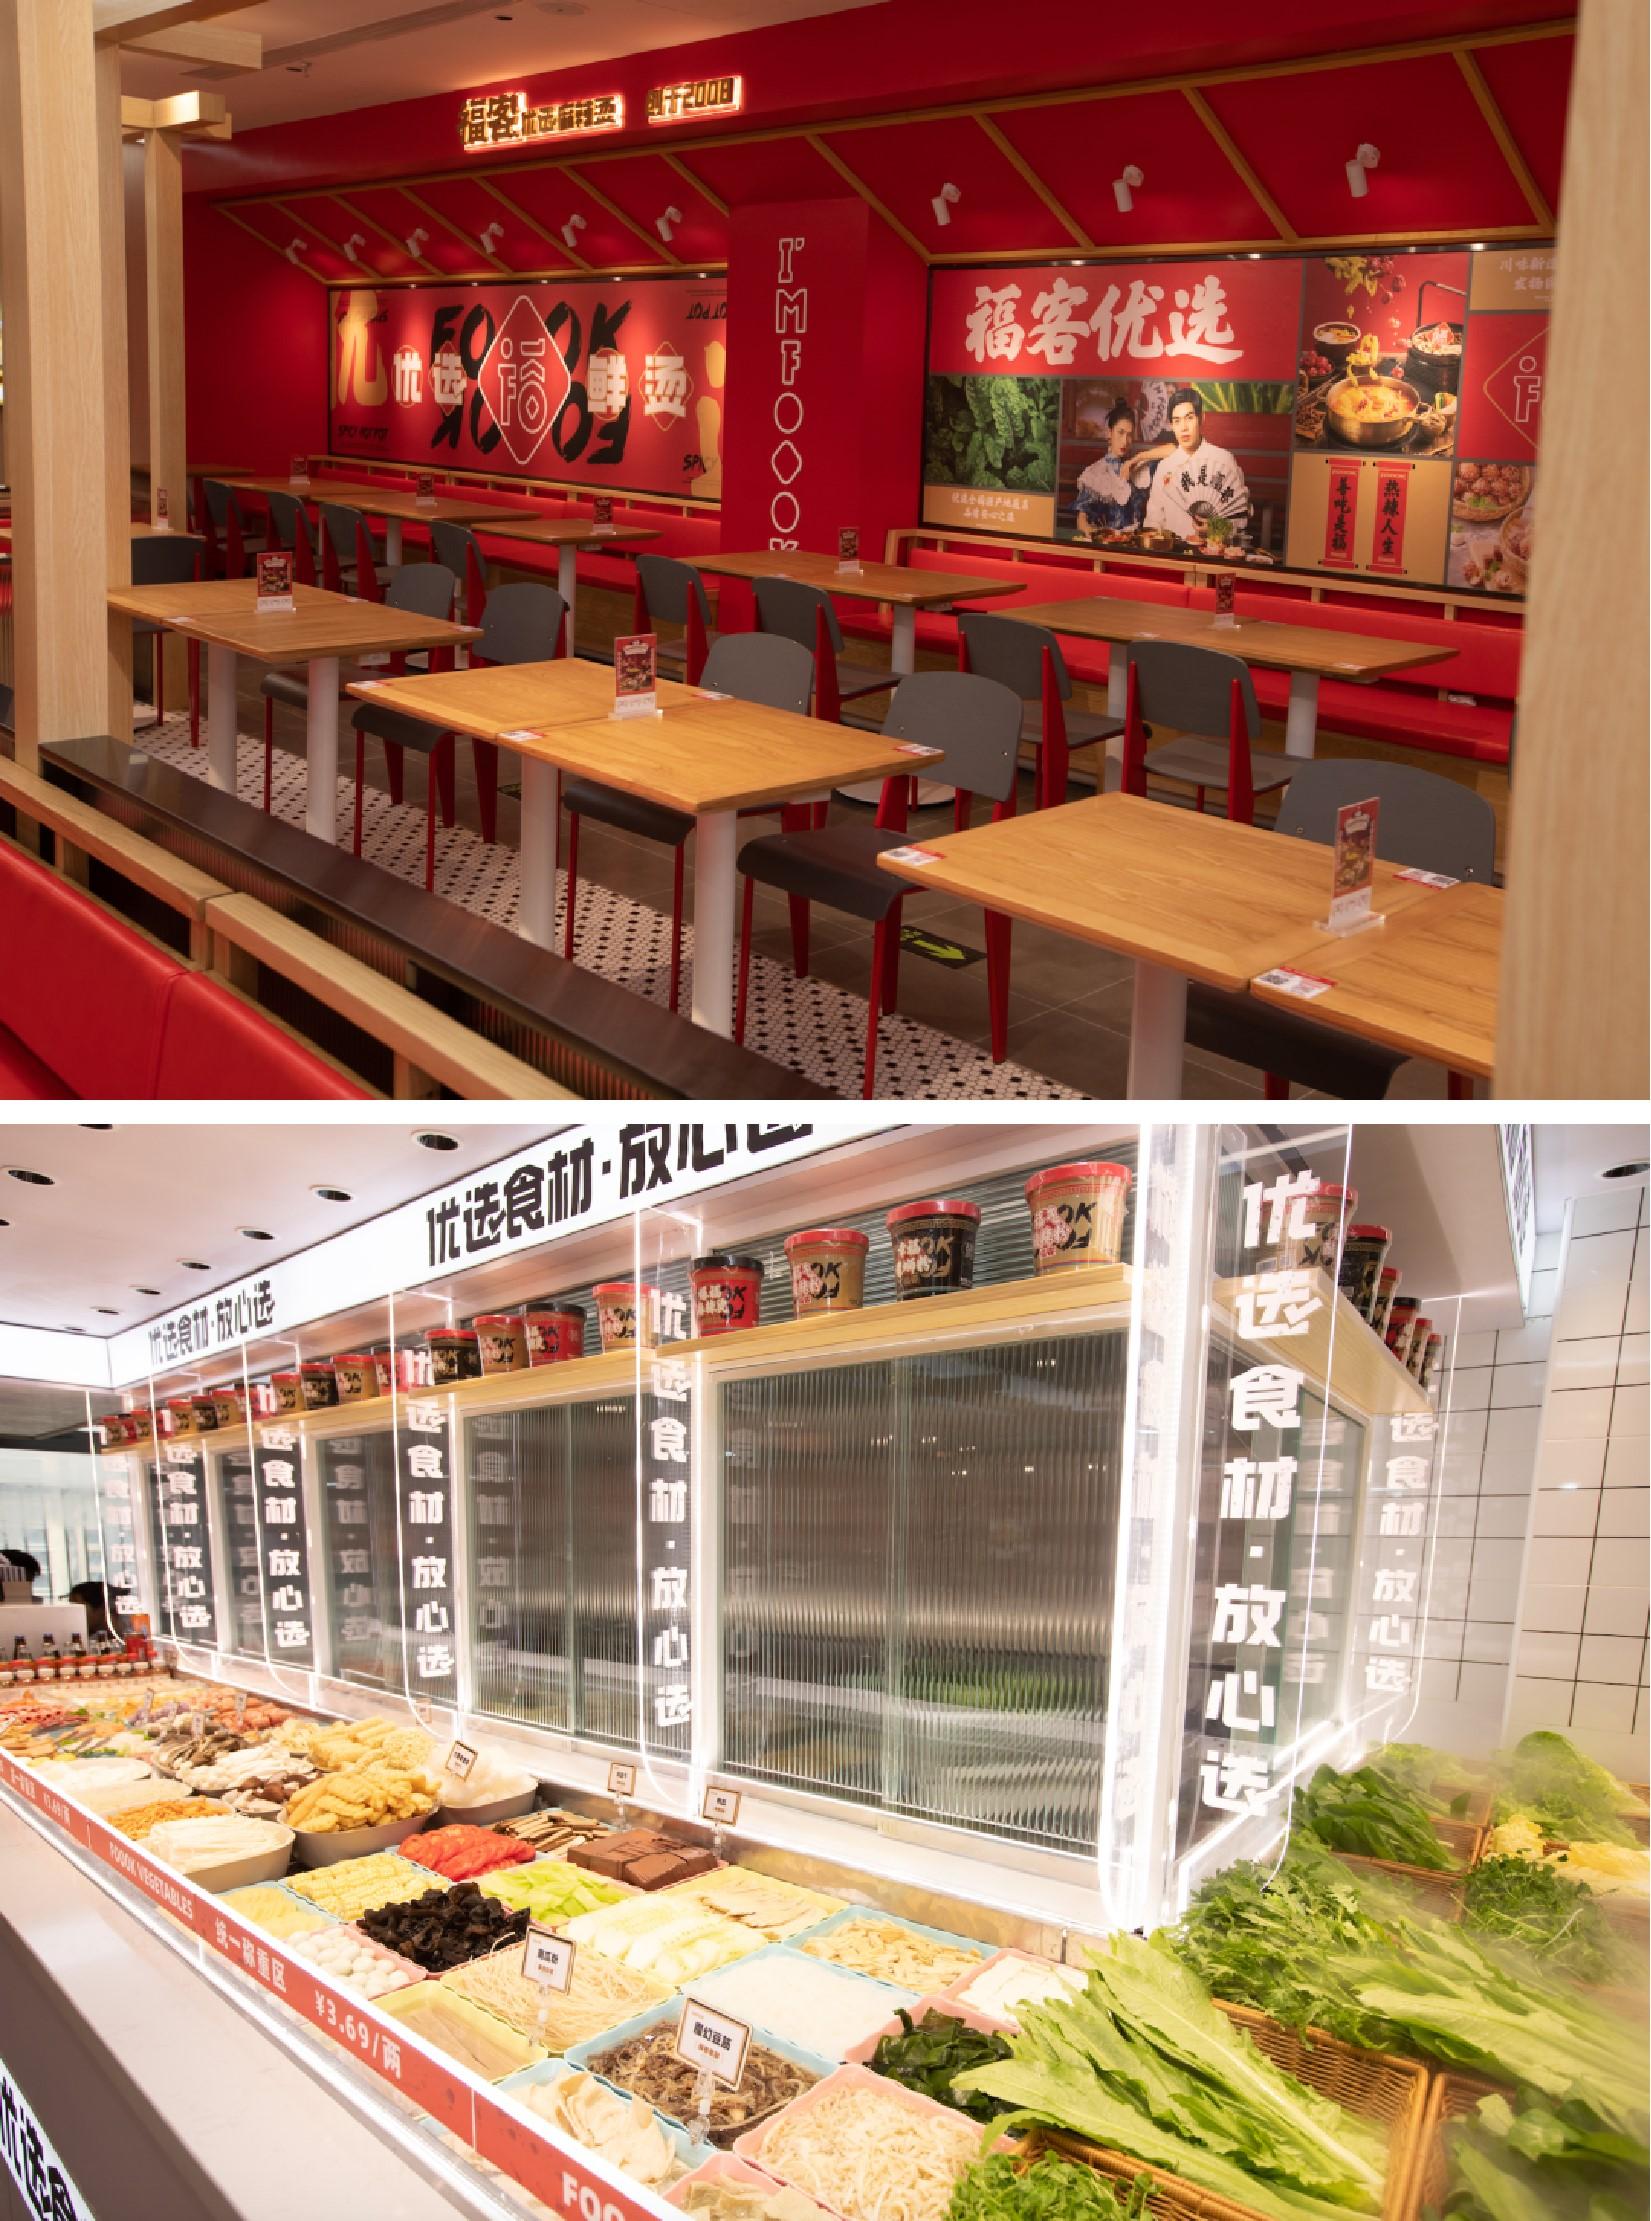 超火的「国潮餐厅」福客优选麻辣烫进京啦!刚开业就被挤爆!